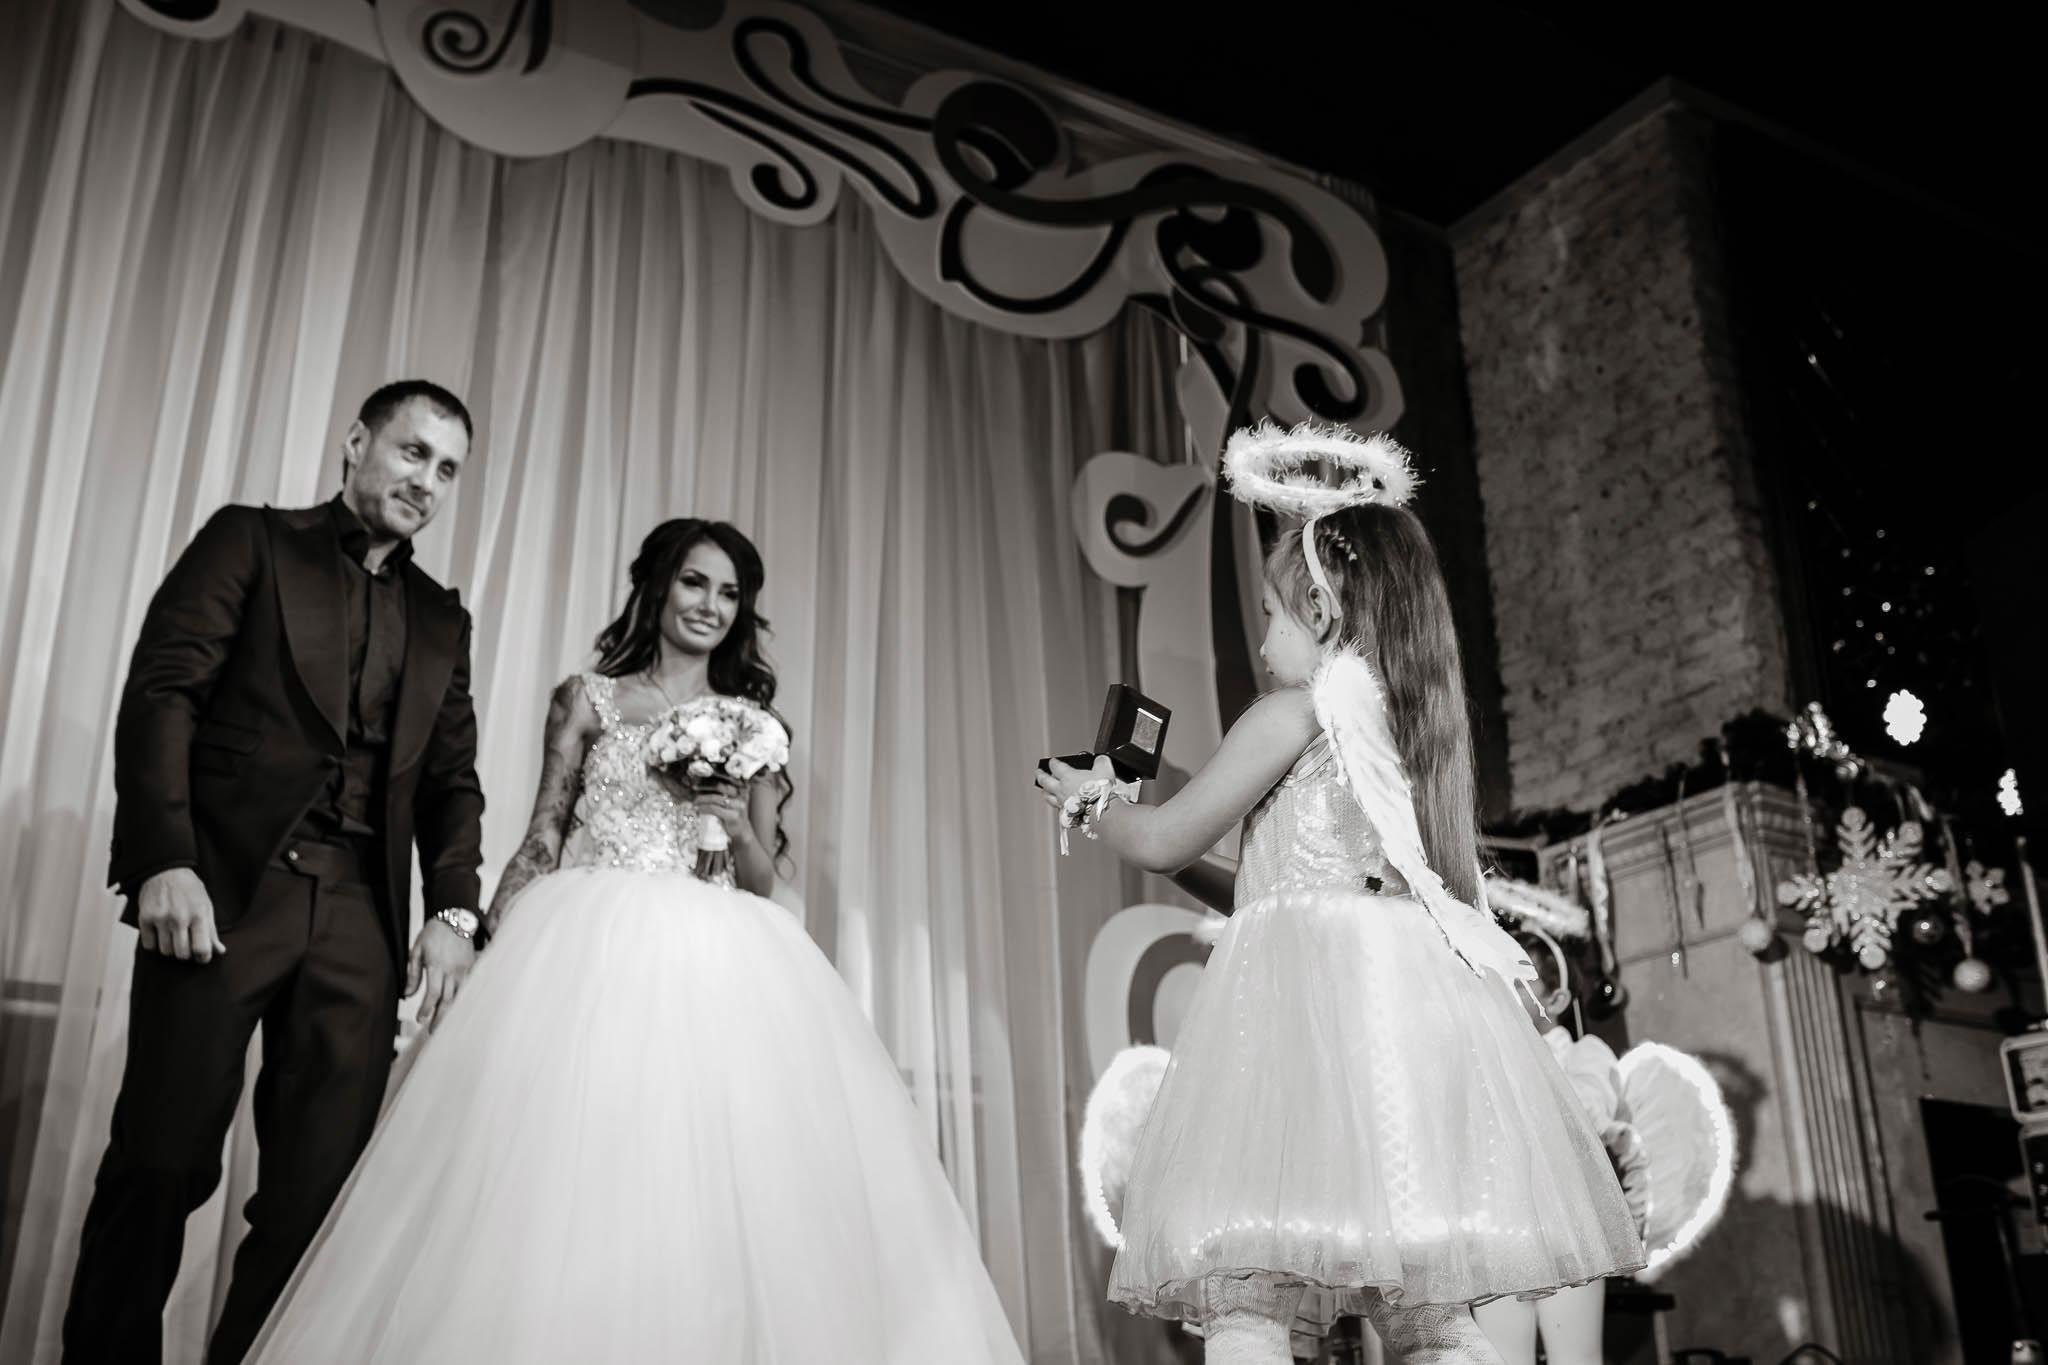 Свадьба Александр Липовой и Саша Кабаева фотограф Кузьмин Павел